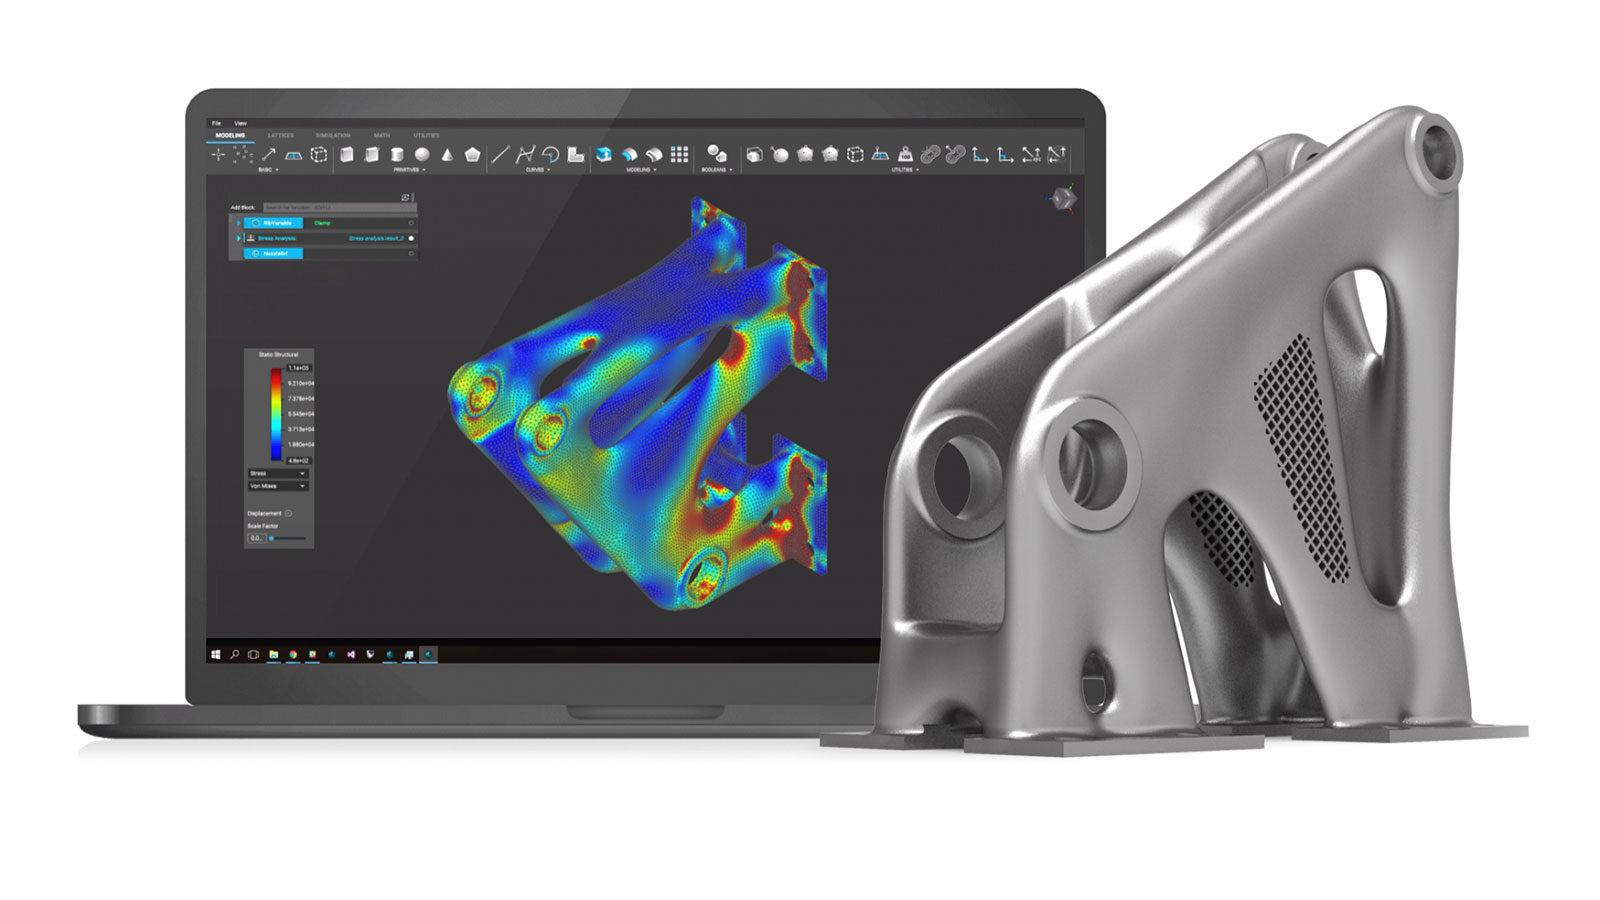 デジタル製造に使える、次世代エンジニアリングソフトウェアnTopology